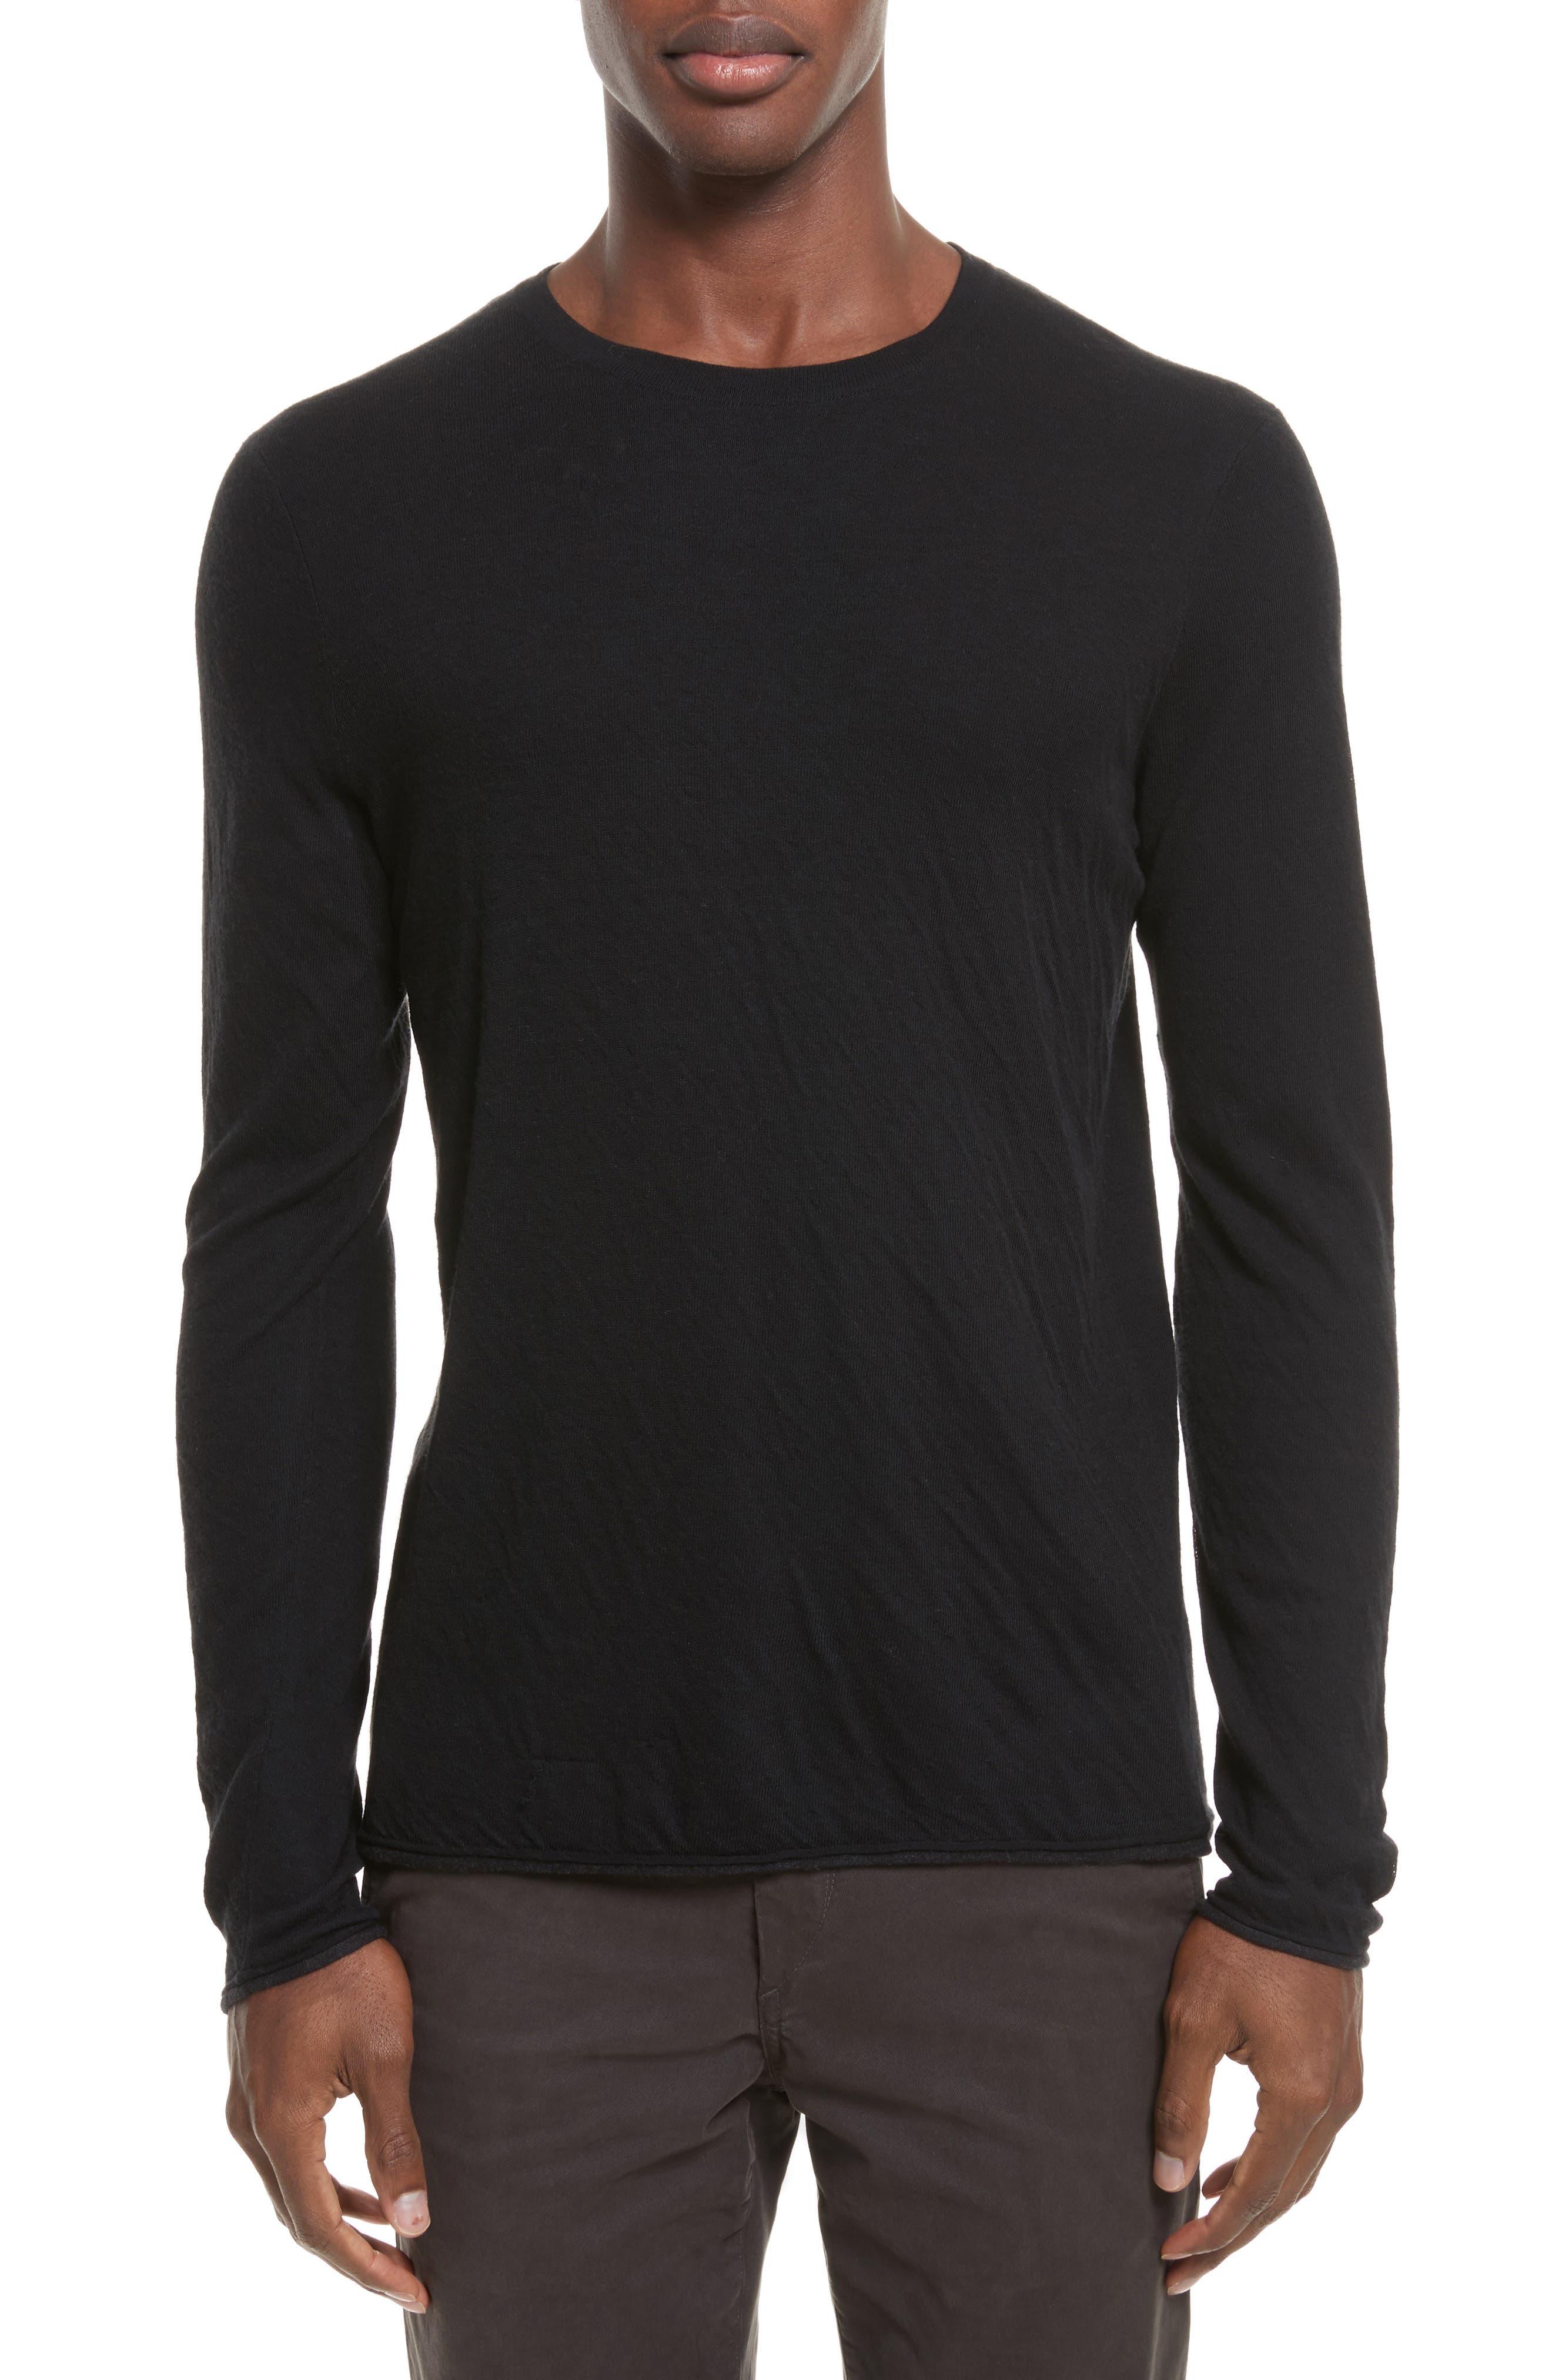 Tripp Crewneck Sweater,                             Main thumbnail 1, color,                             001